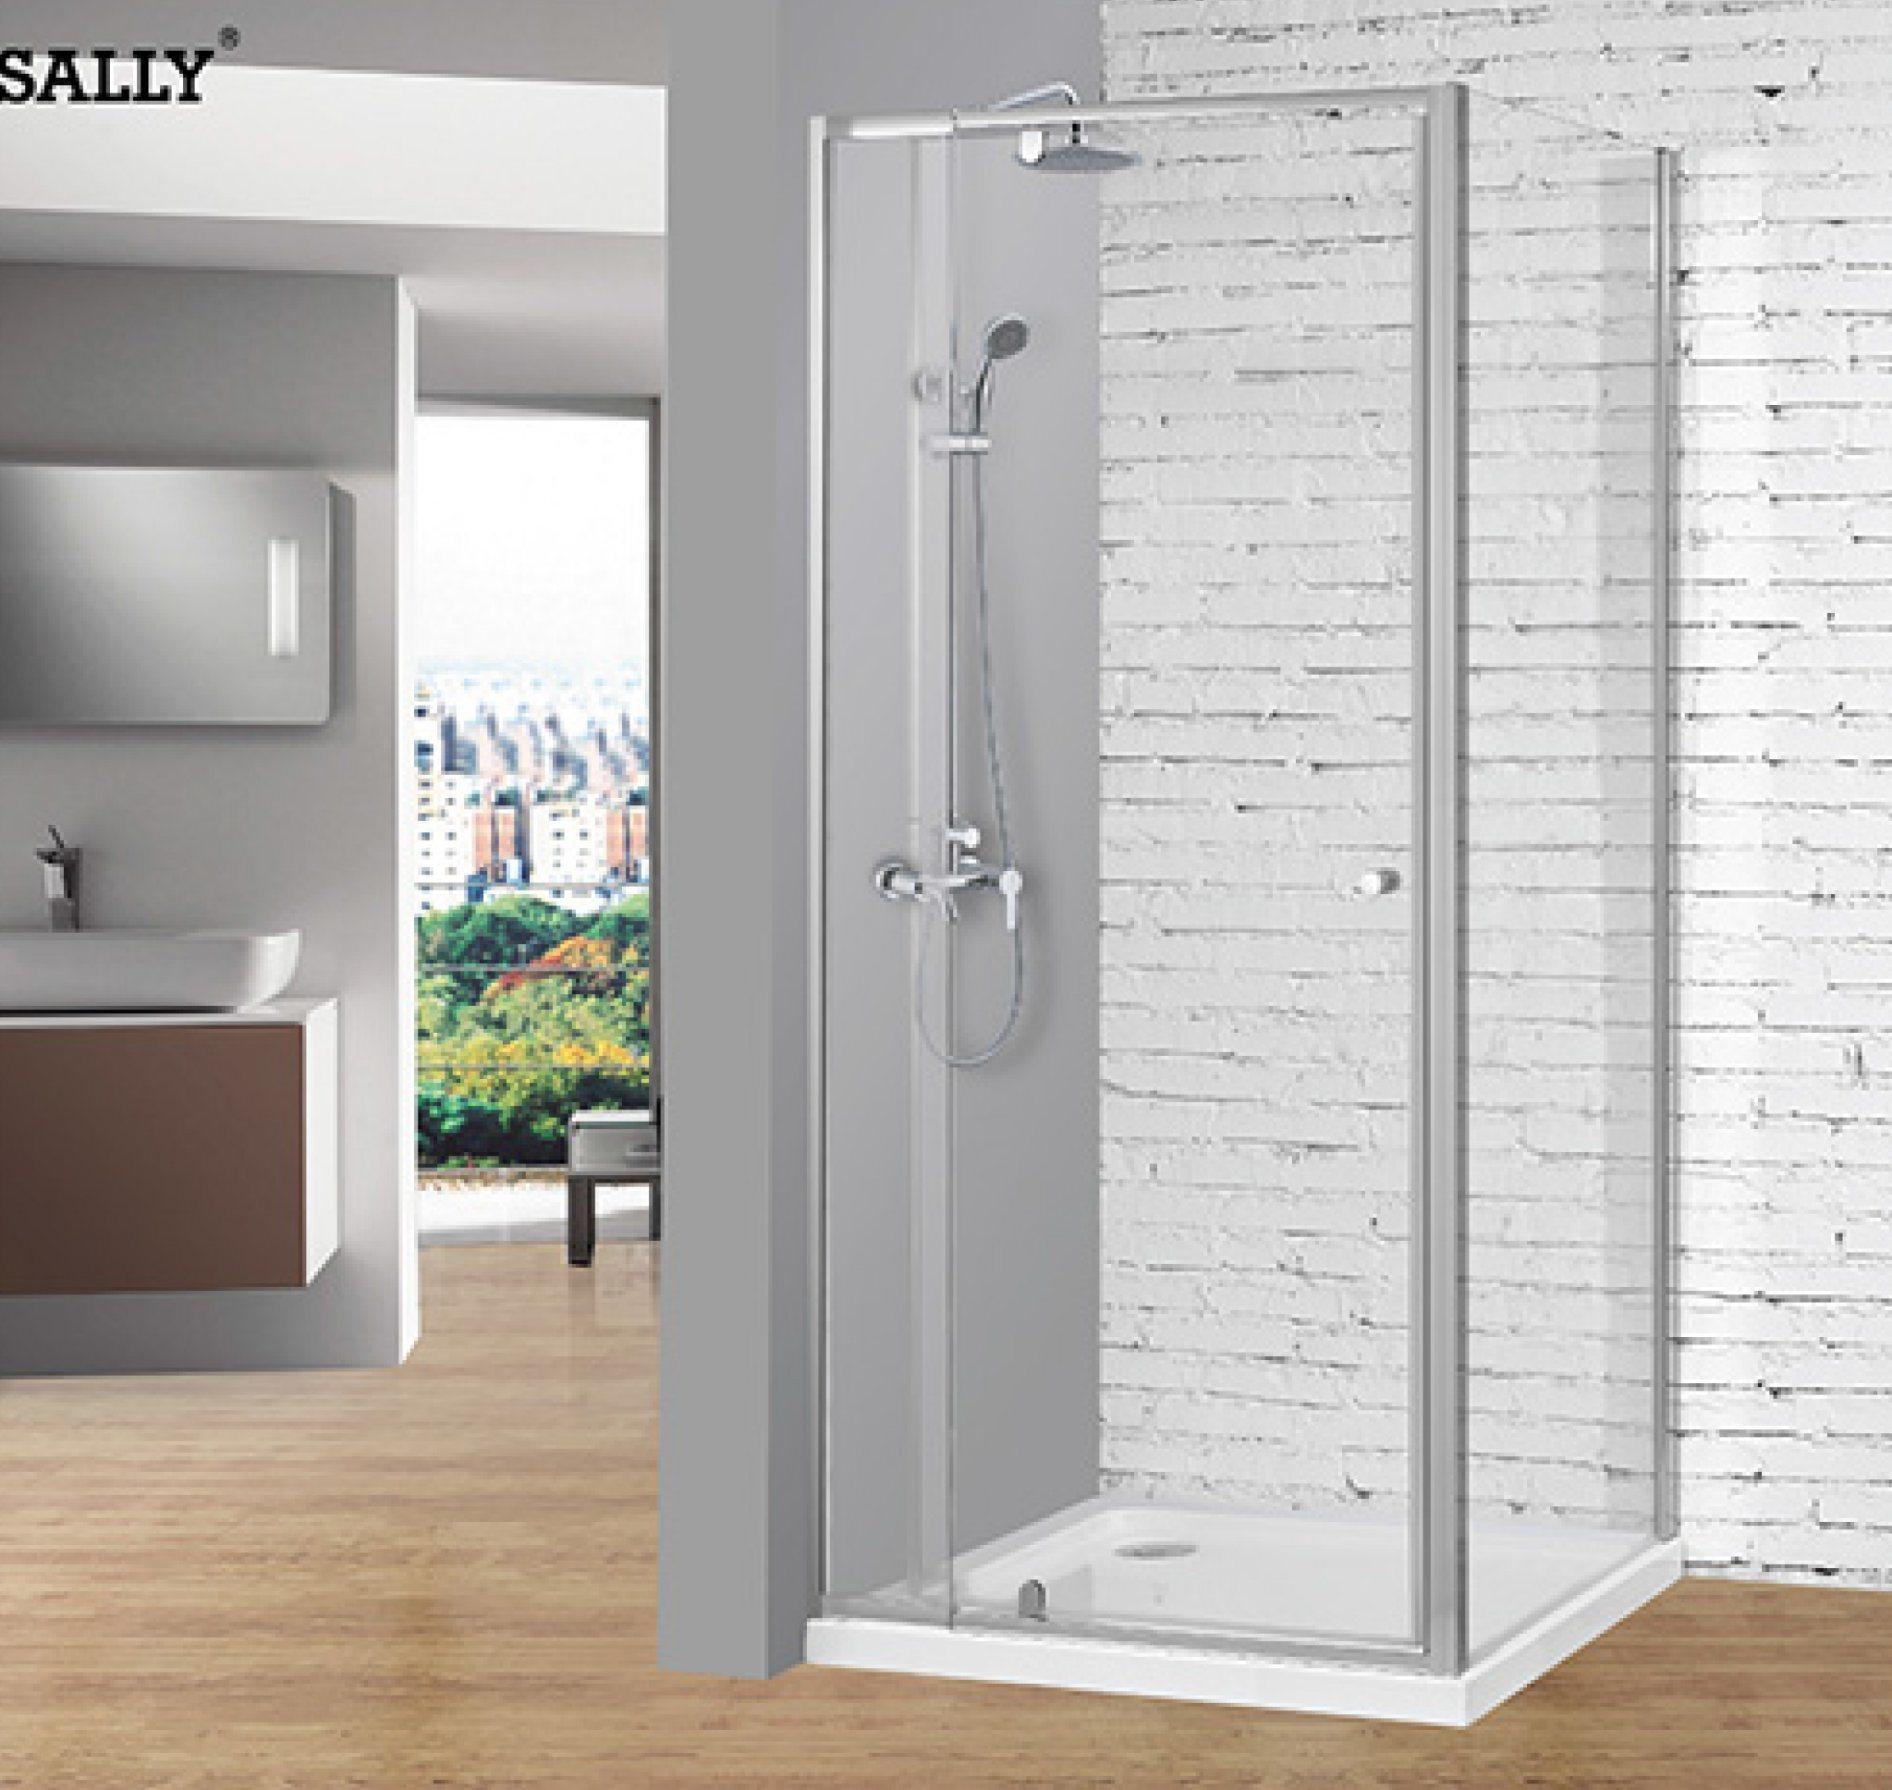 Hot Item Sally Telescopic Pivot Door Of 6mm Tempered Glass Hinge Shower Door With Big Adjustment